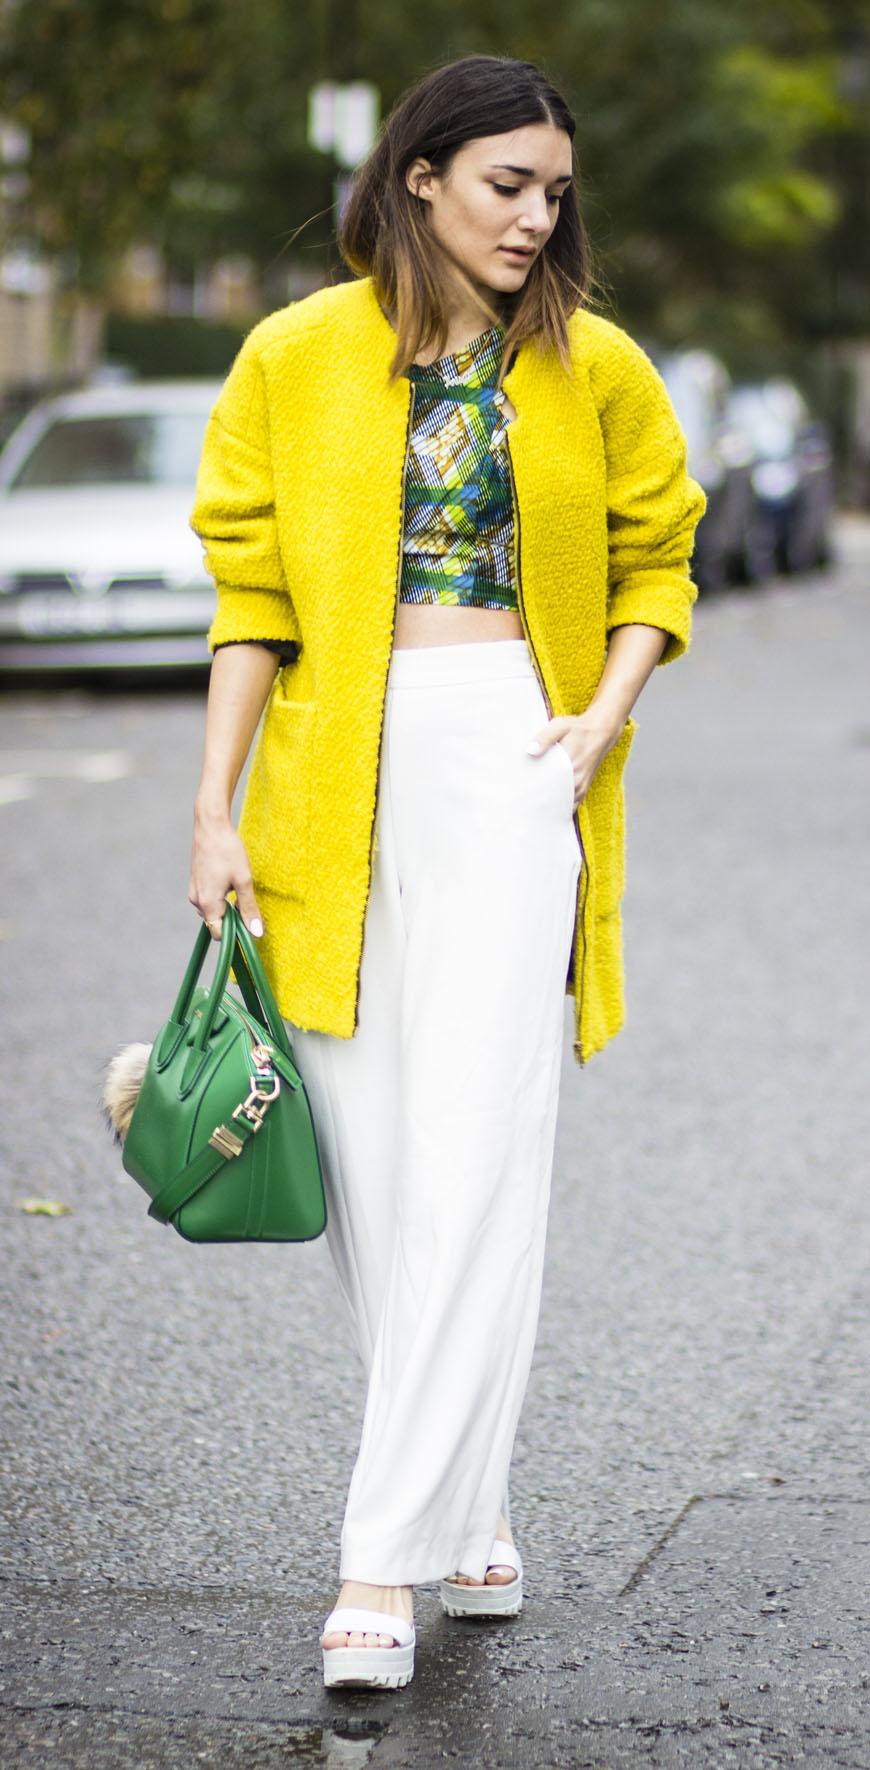 white-wideleg-pants-green-emerald-crop-top-green-bag-white-shoe-sandalw-yellow-jacket-coat-yellow-jacket-bomber-spring-summer-blonde-lunch.jpg